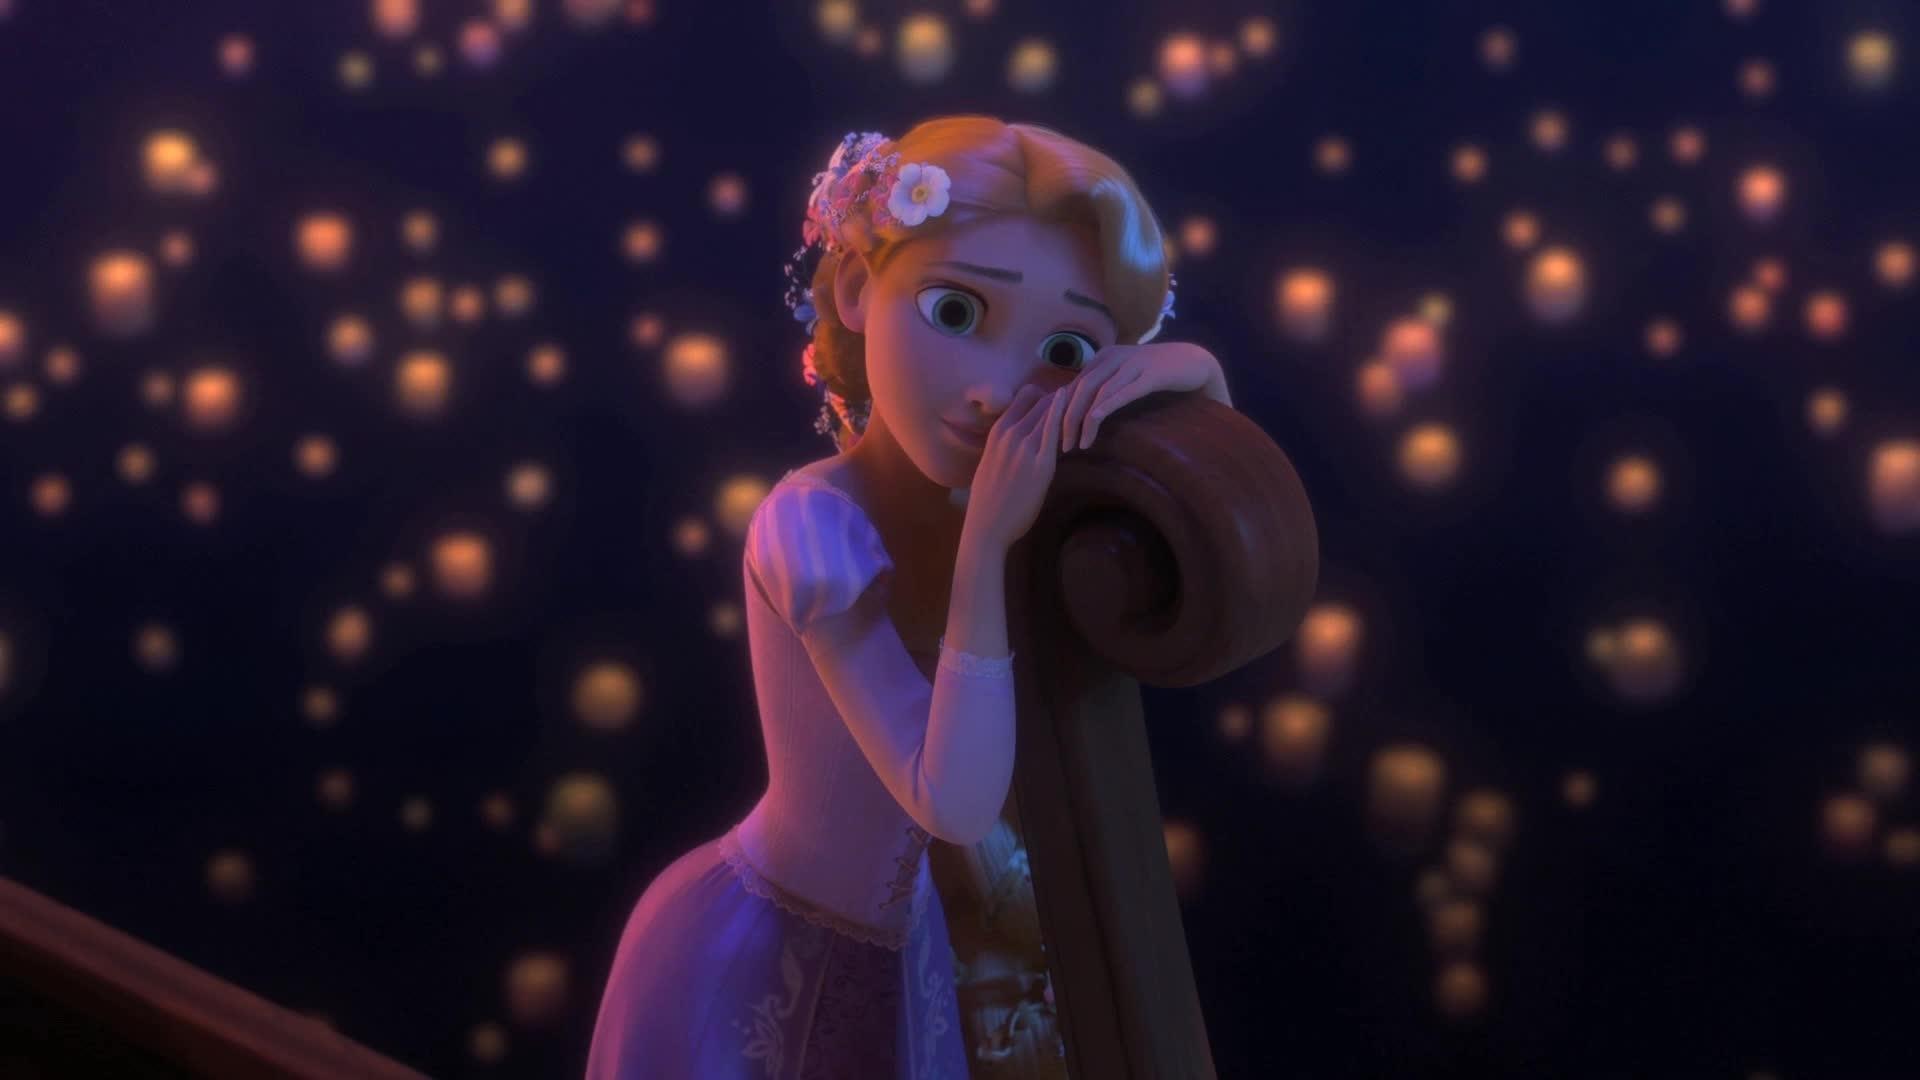 Vejo, Enfim, A Luz Brilhar - Enrolados - Sou Uma Princesa